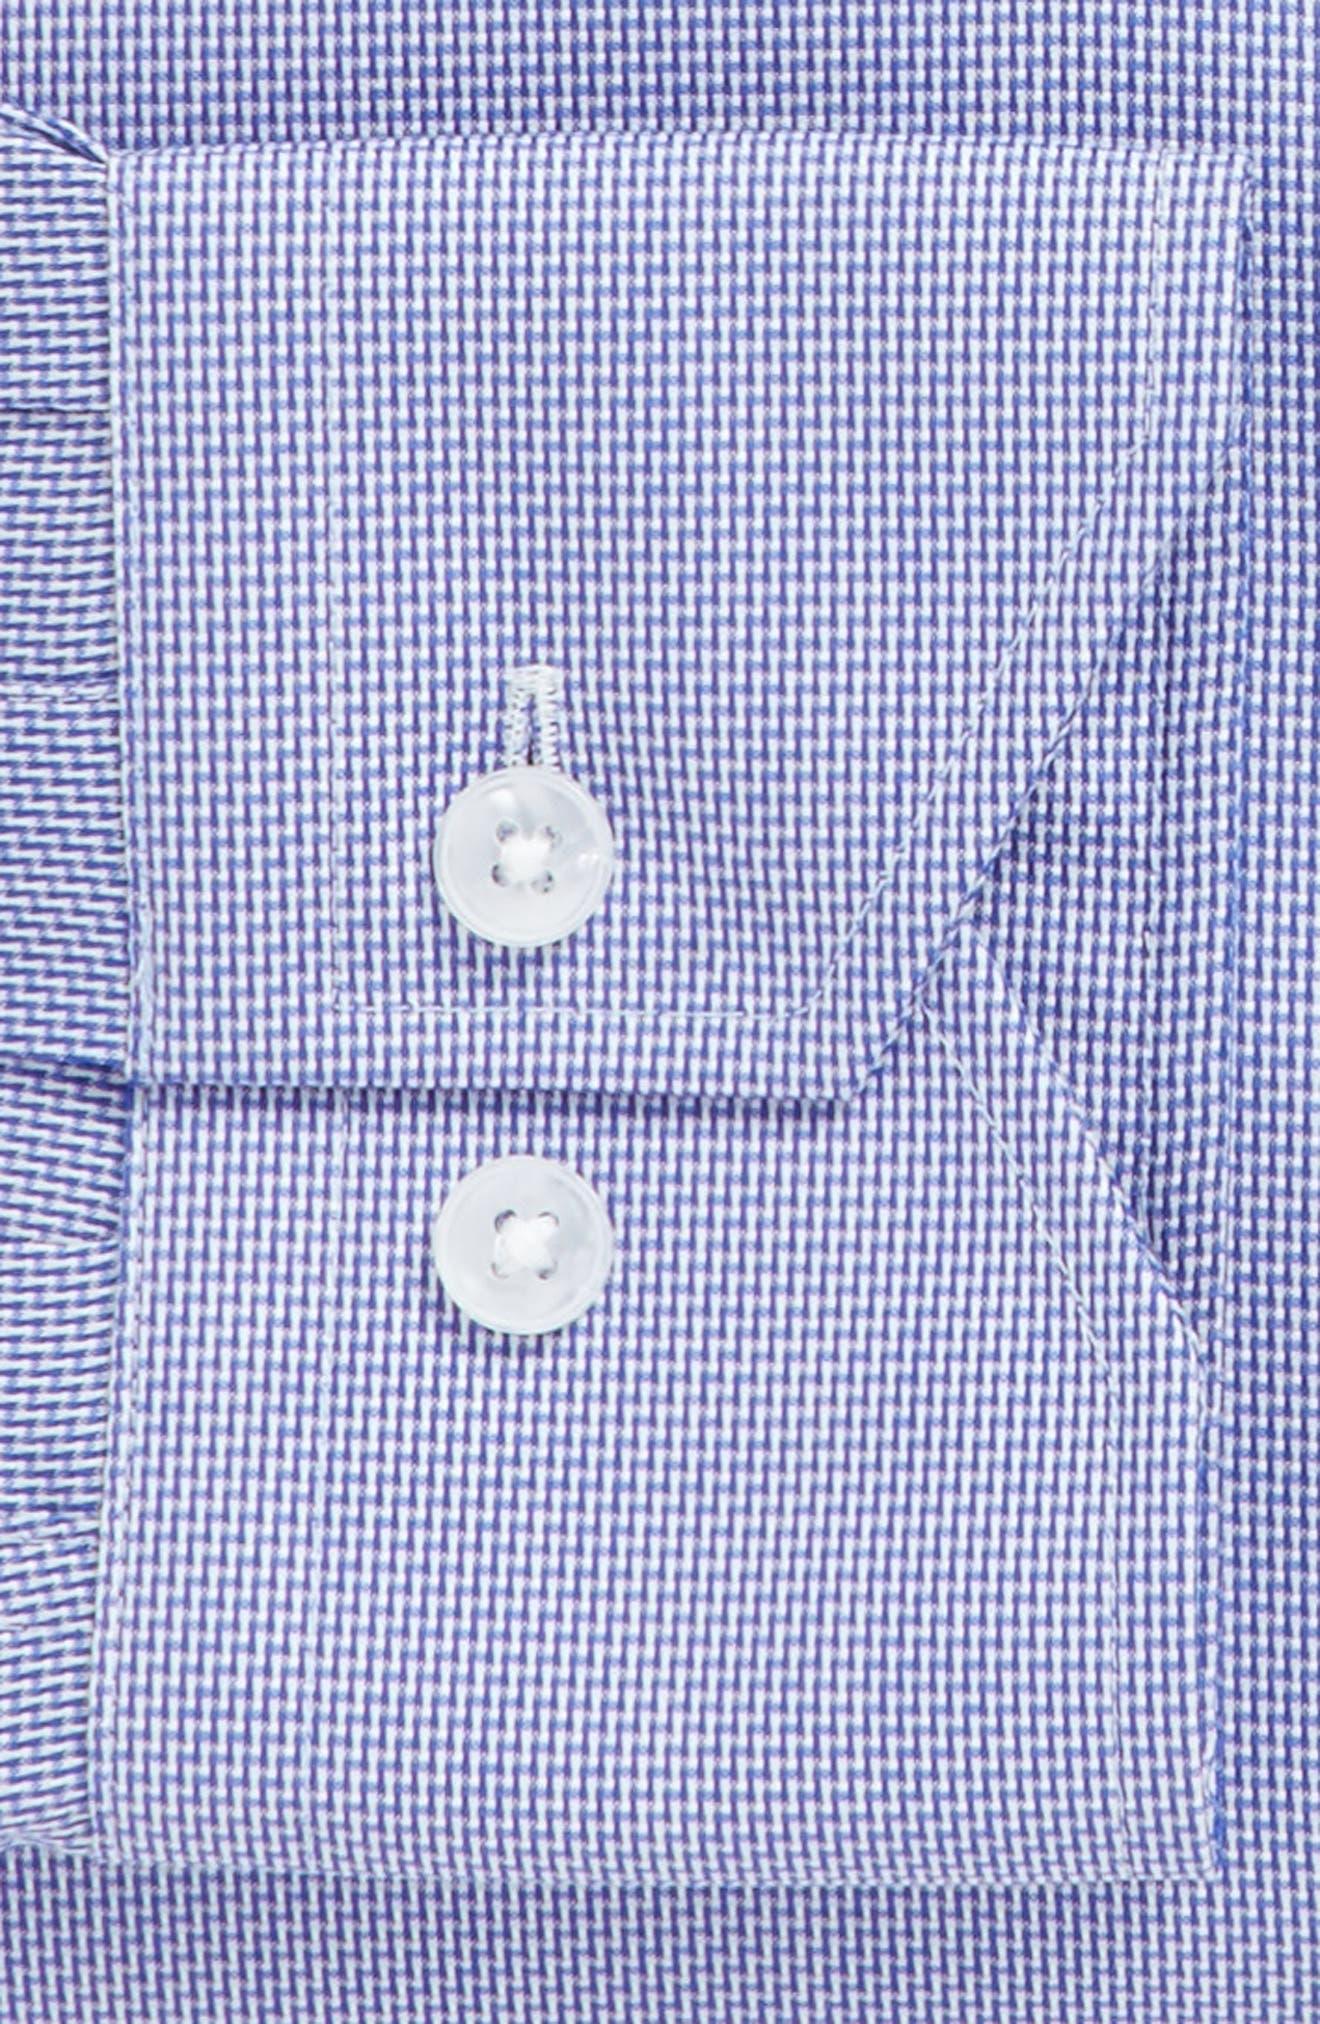 Trim Fit Solid Dress Shirt,                             Alternate thumbnail 3, color,                             410